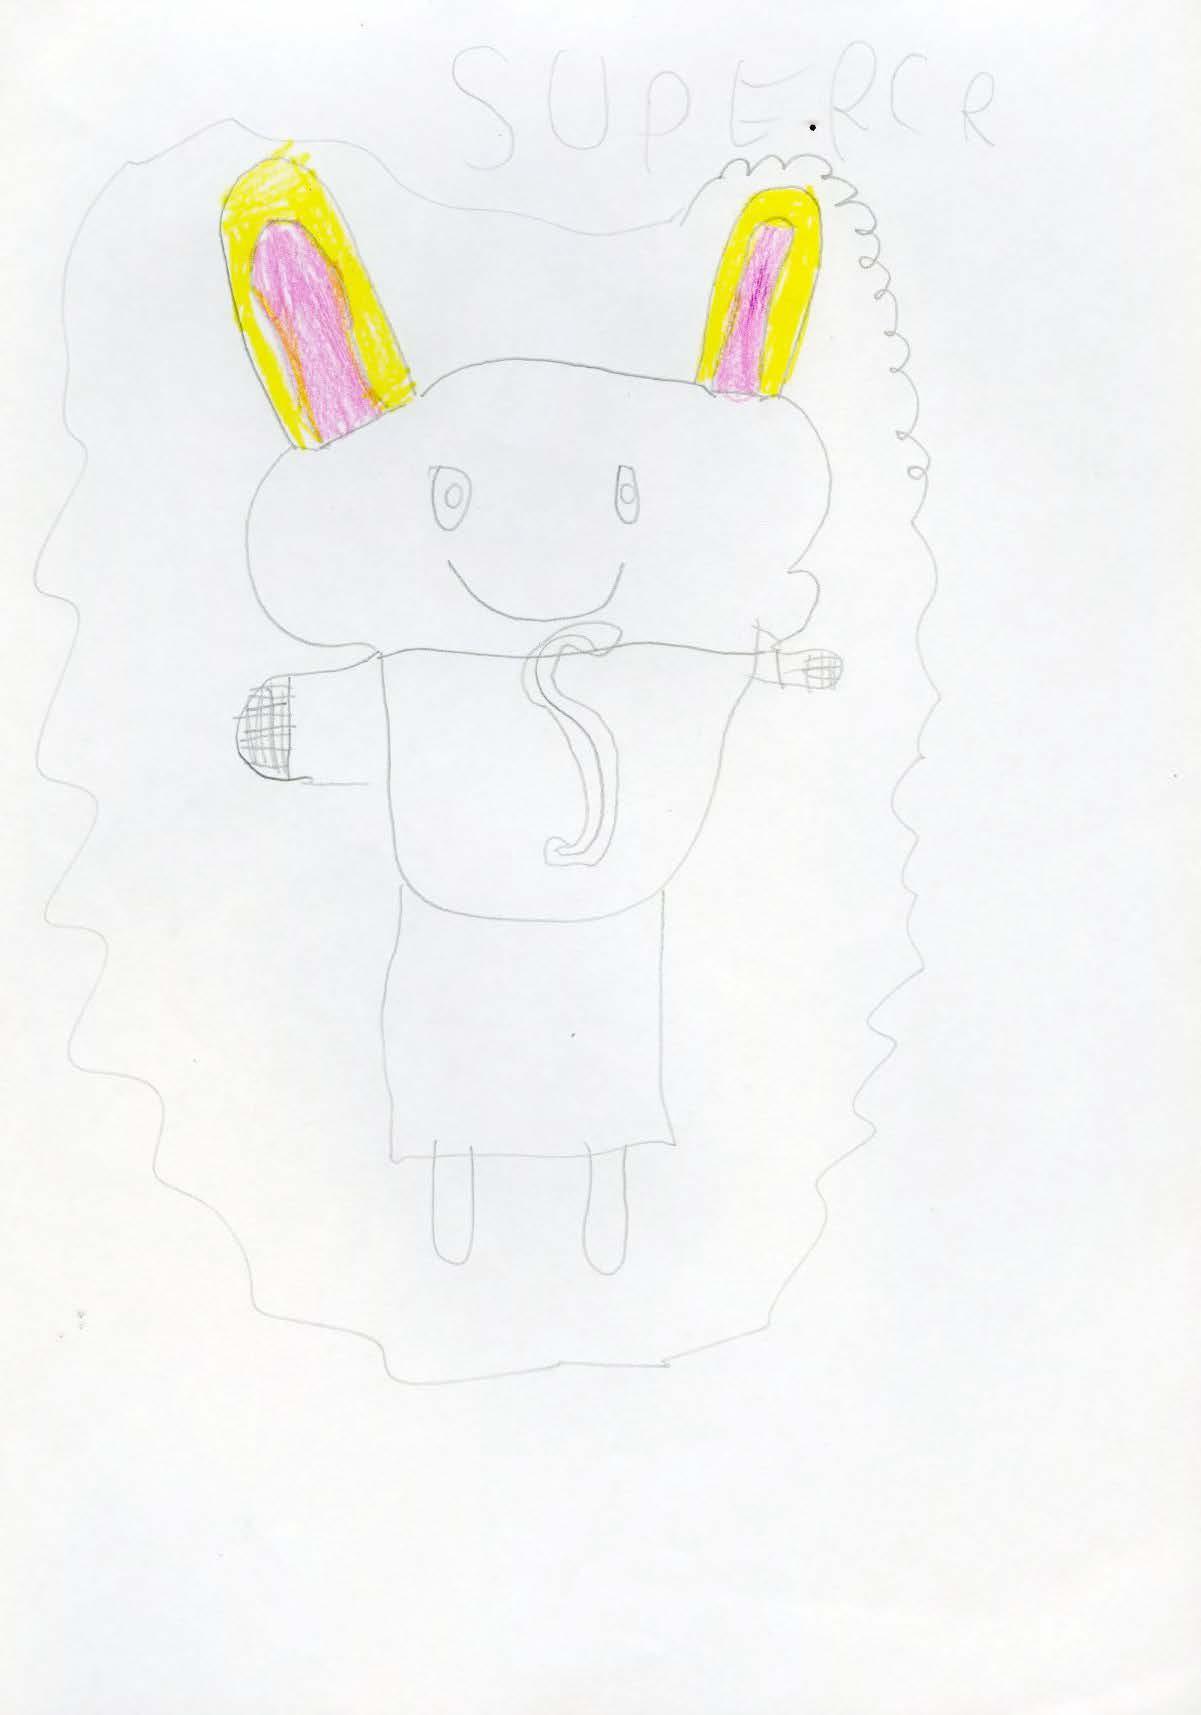 I Concurso Jóvenes artistas 2016  (141)